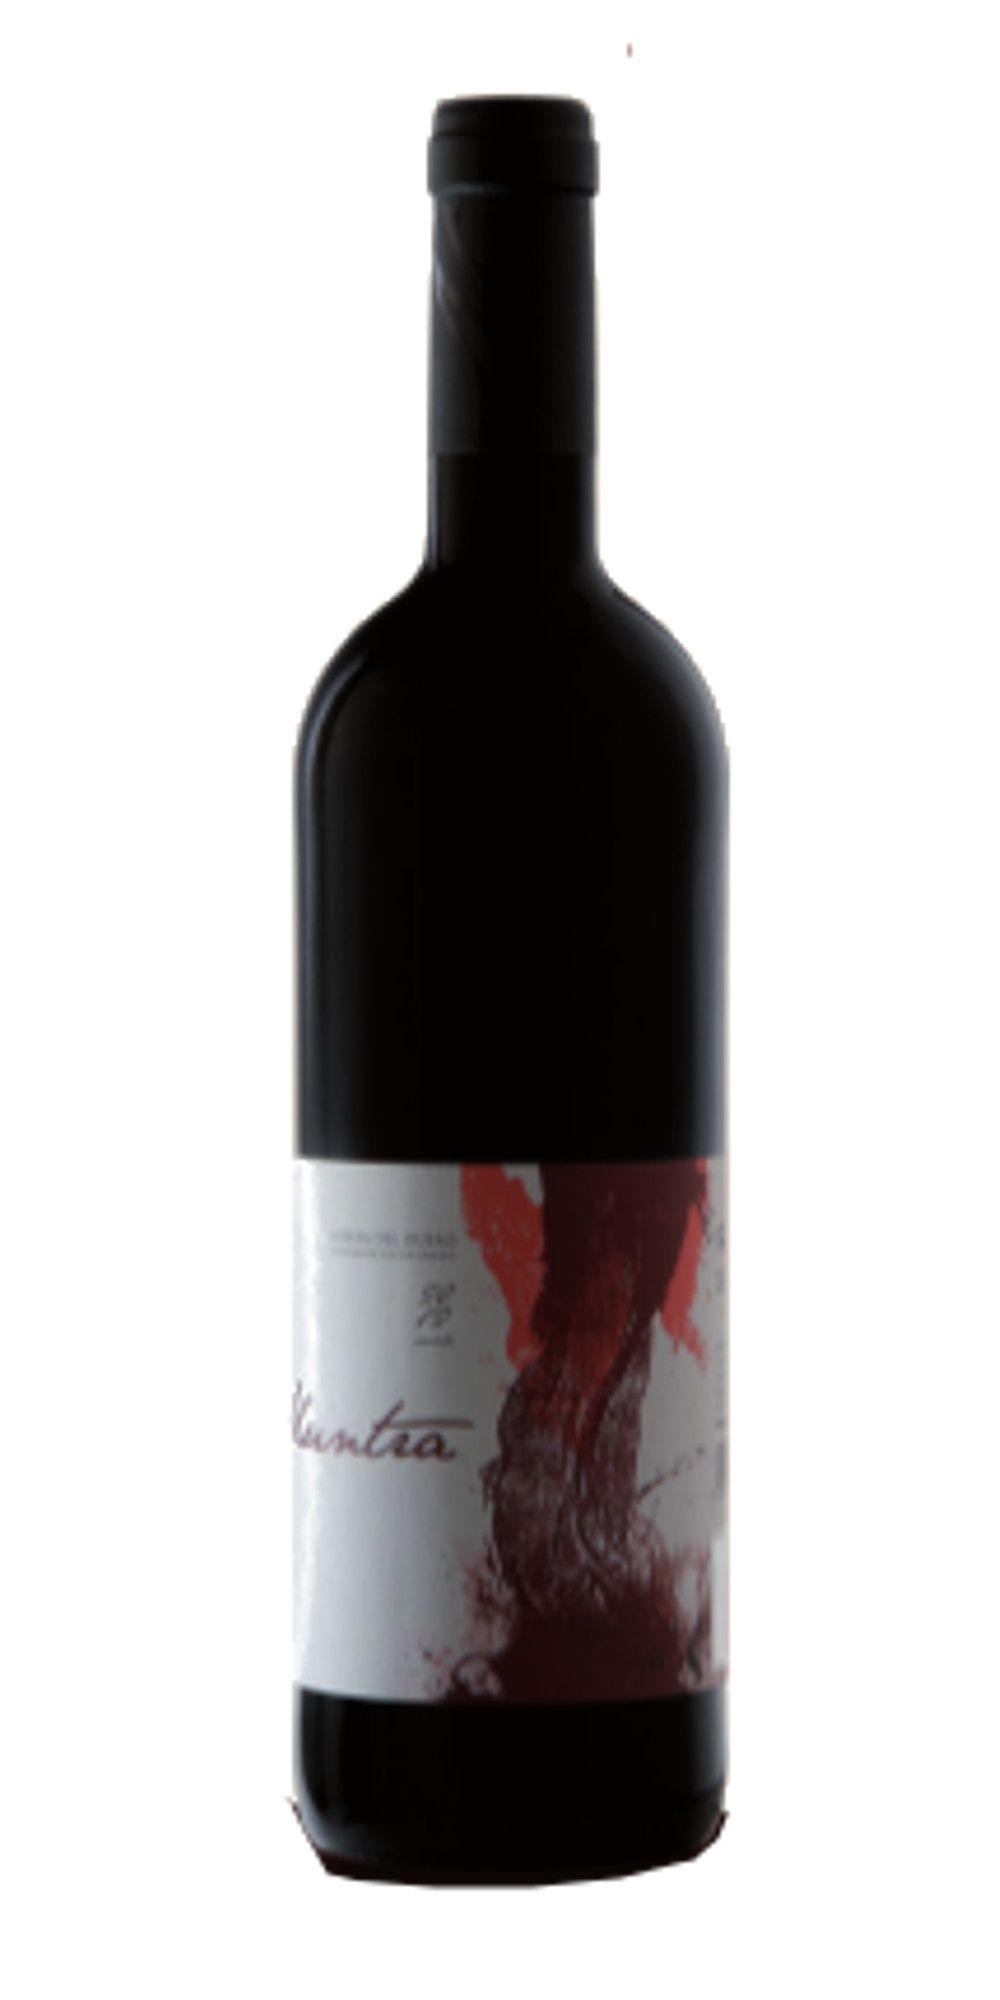 Botella Muntra Roble Tempranillo Do Ribera Del Duero Comprar Vino